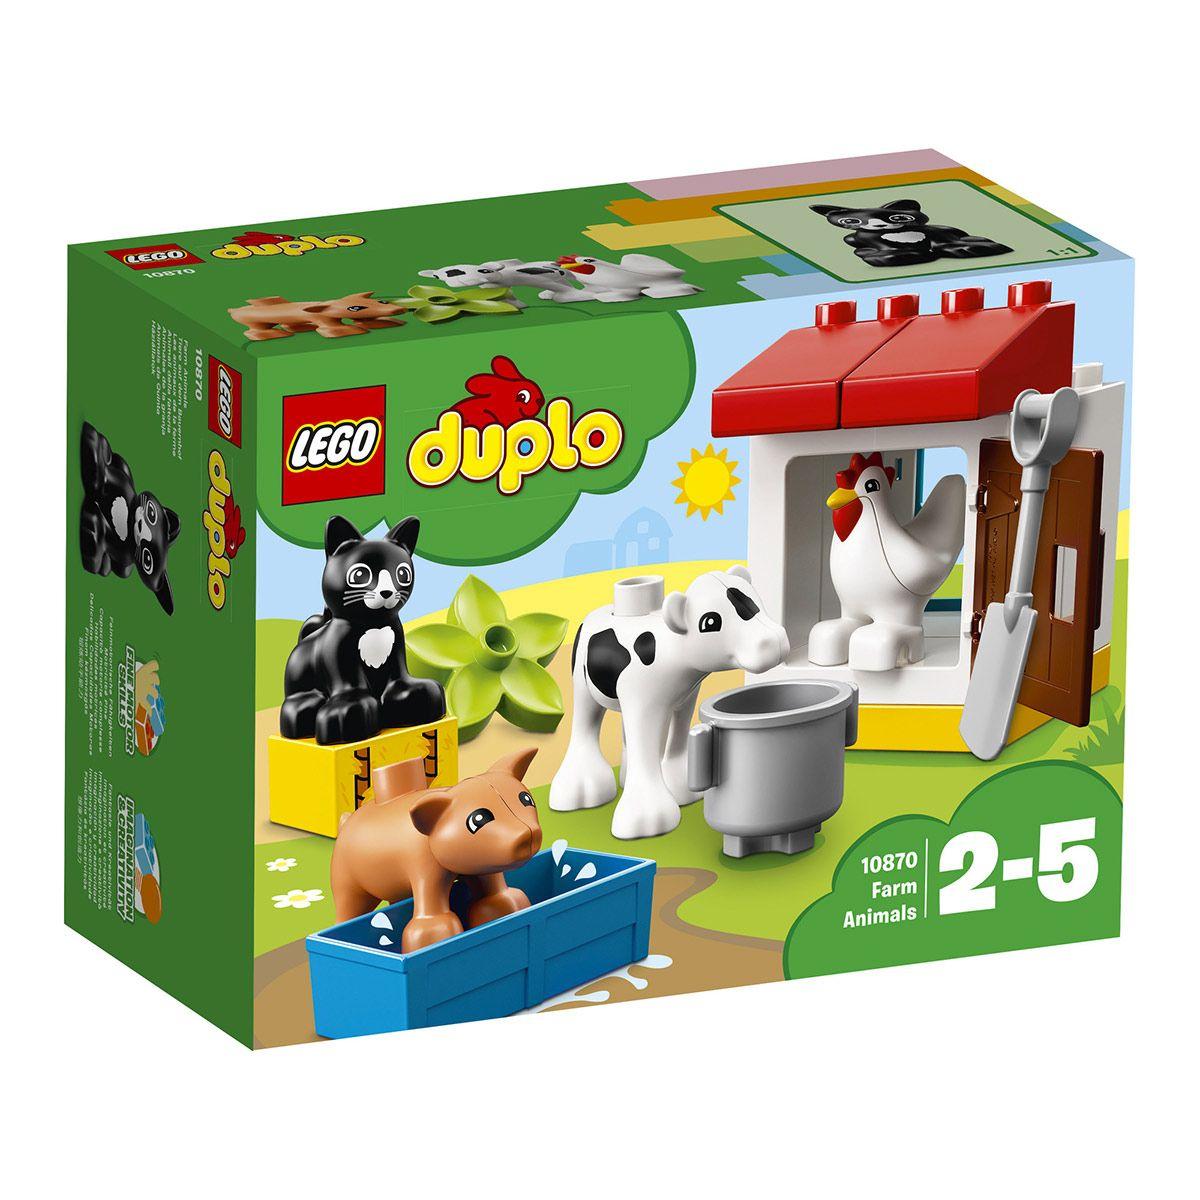 Les Animaux De La Ferme Lego Duplo 10870 - Jeux De à Jeux Les Animaux De La Ferme